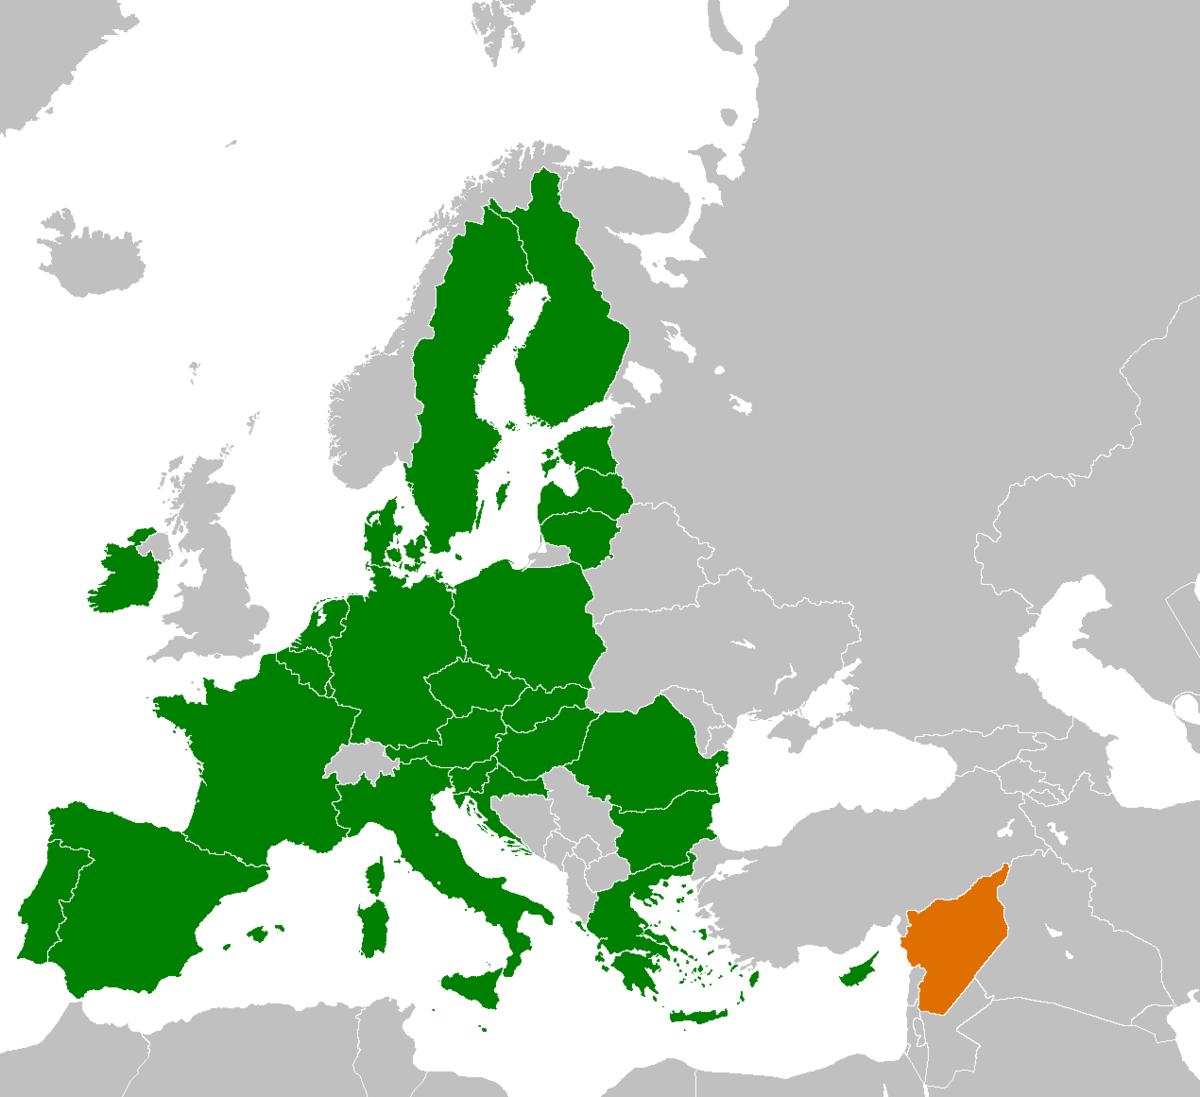 Syriaeuropean union relations wikipedia gumiabroncs Choice Image